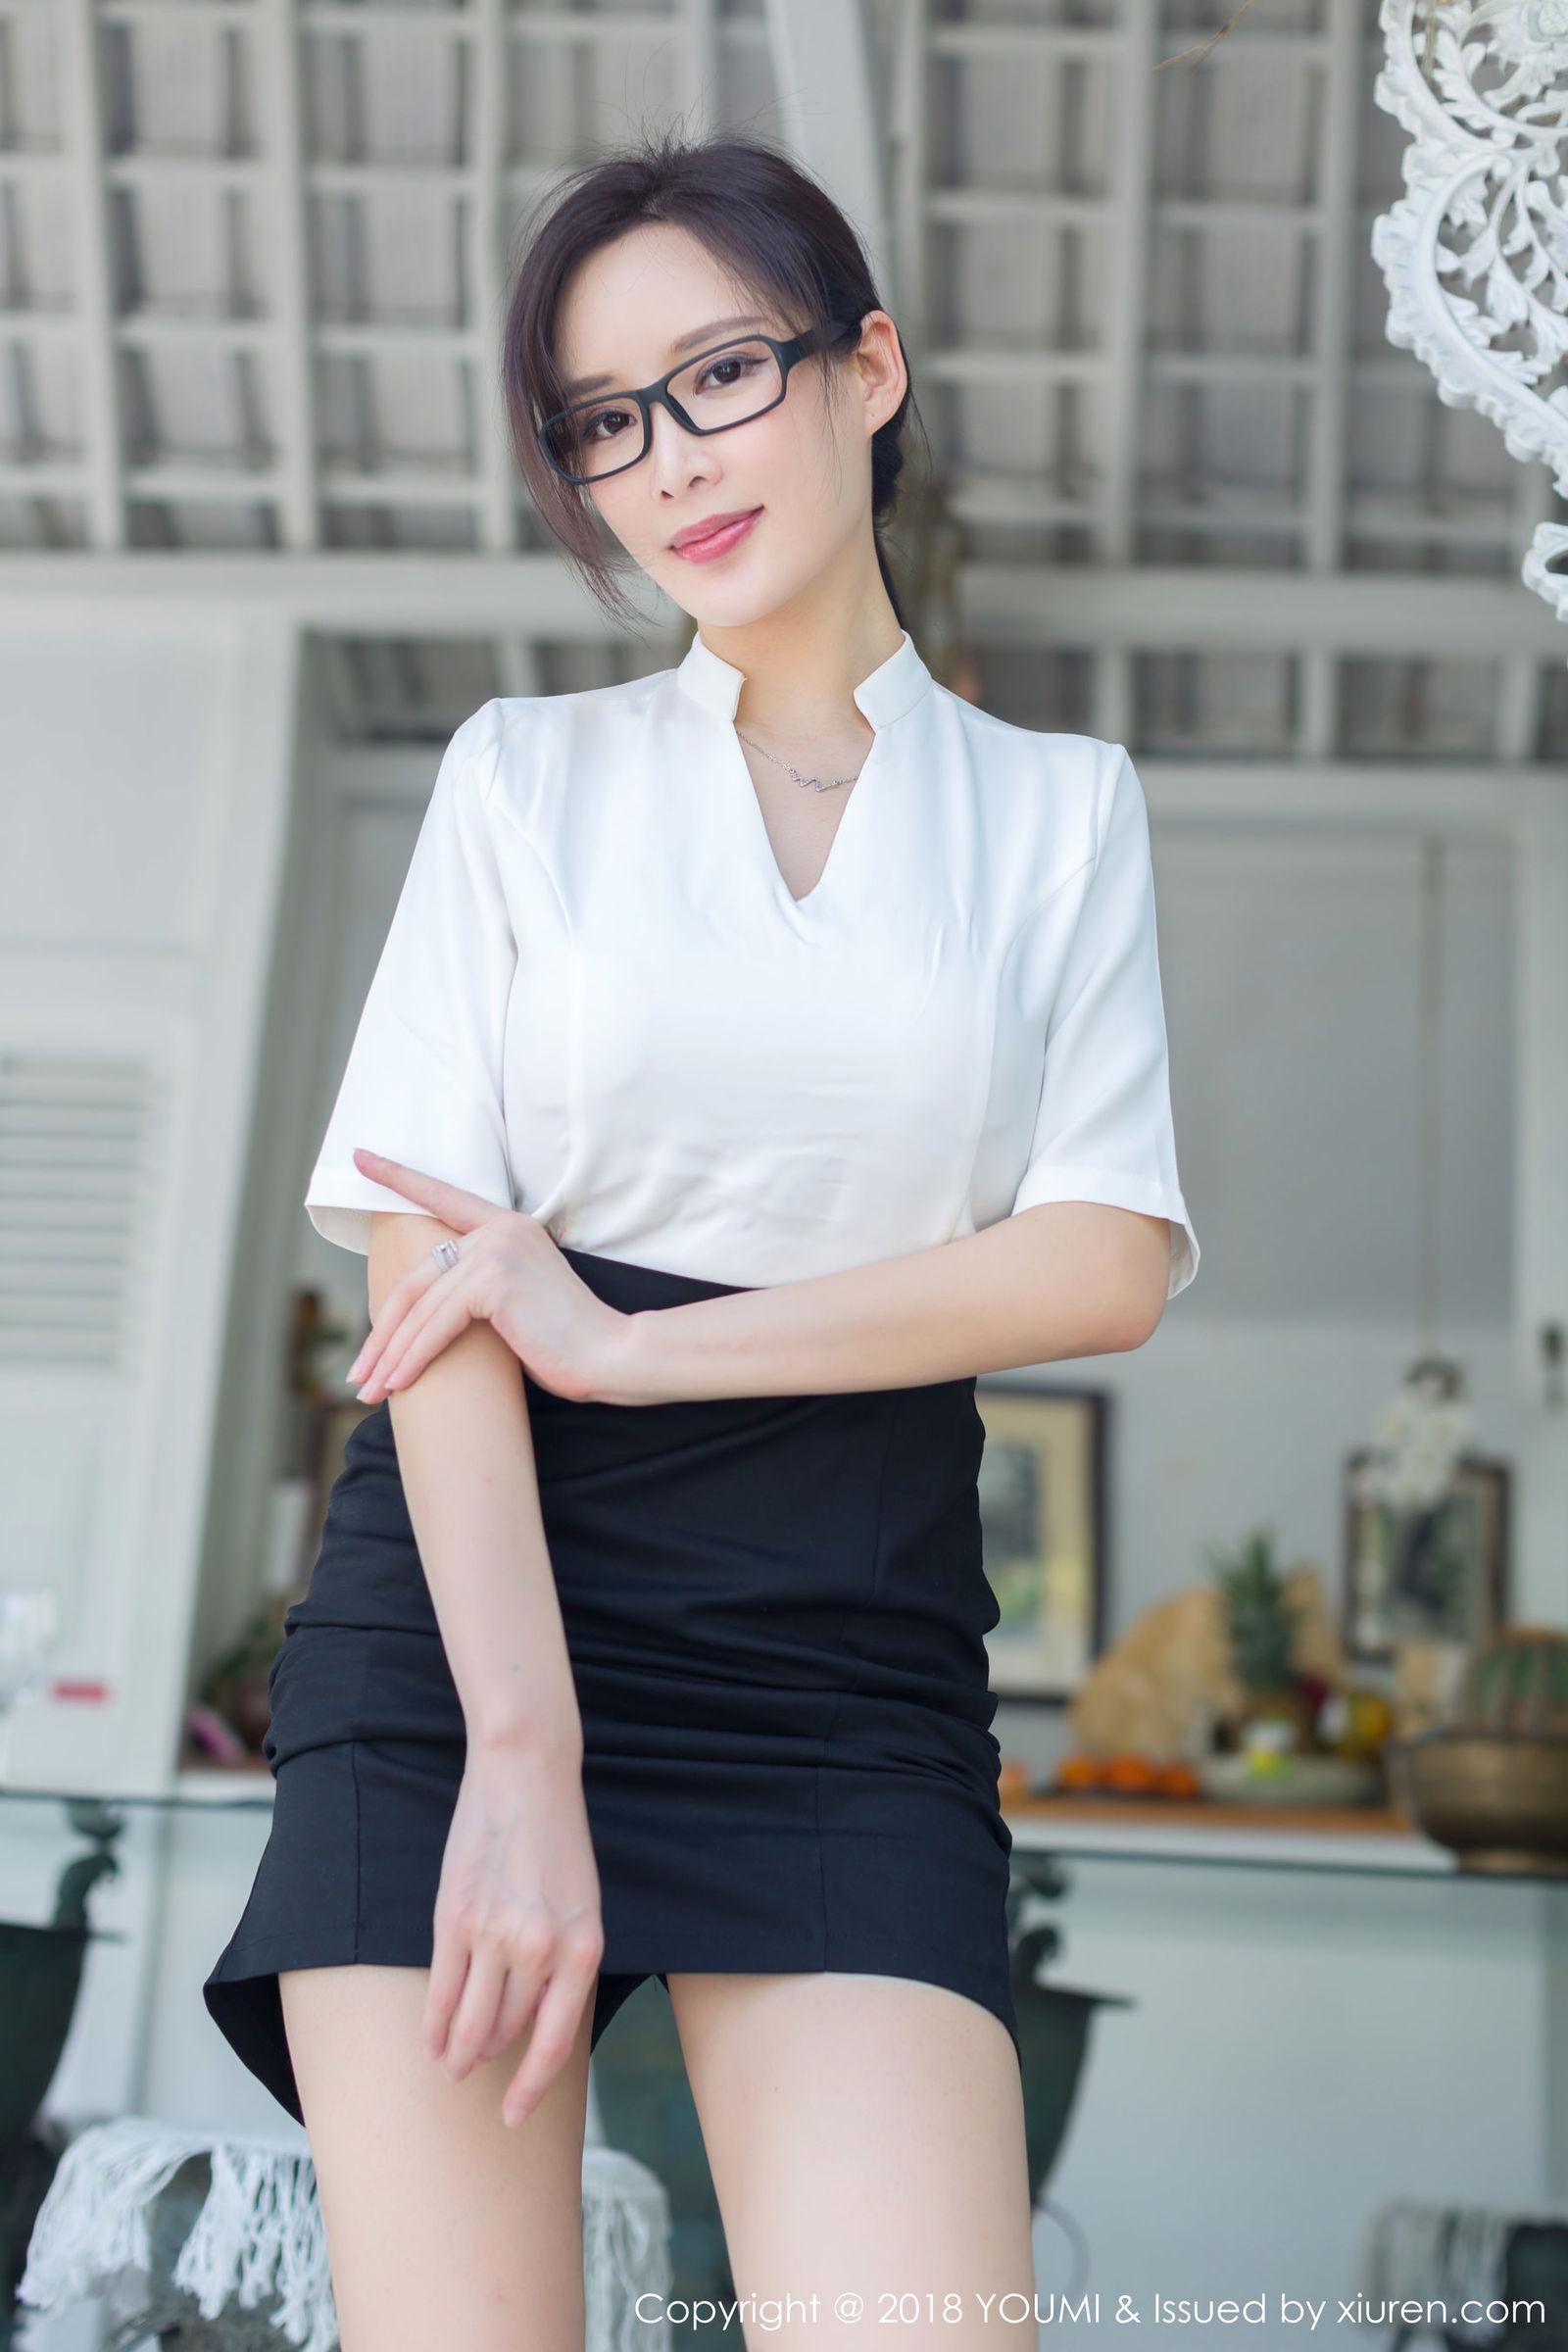 女神@土肥圆矮挫丑黑穷 - 异域风情+职业OL~